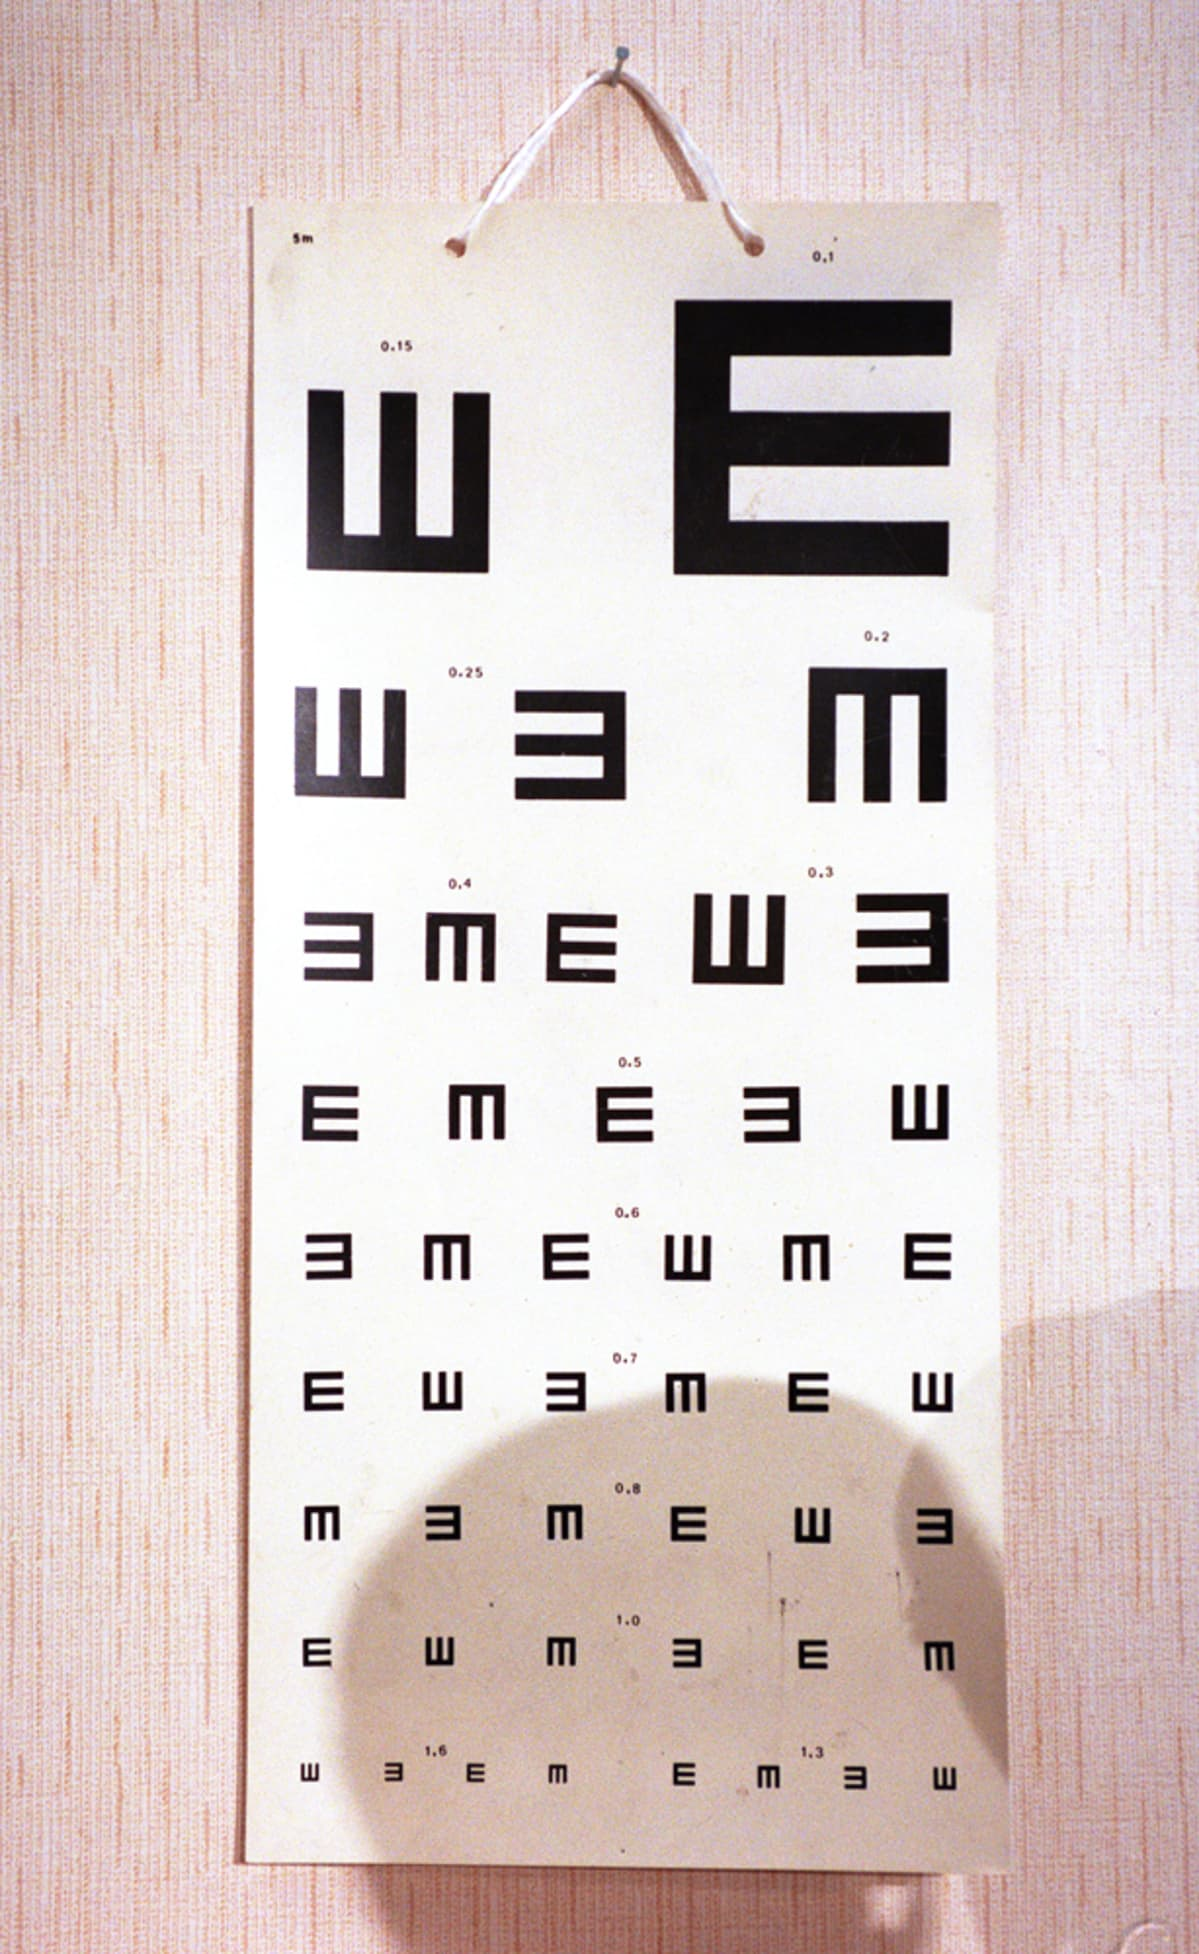 Näön tarkastamisessa käytetty taulu, jossa on eri suuntiin olevia kirjaimia.